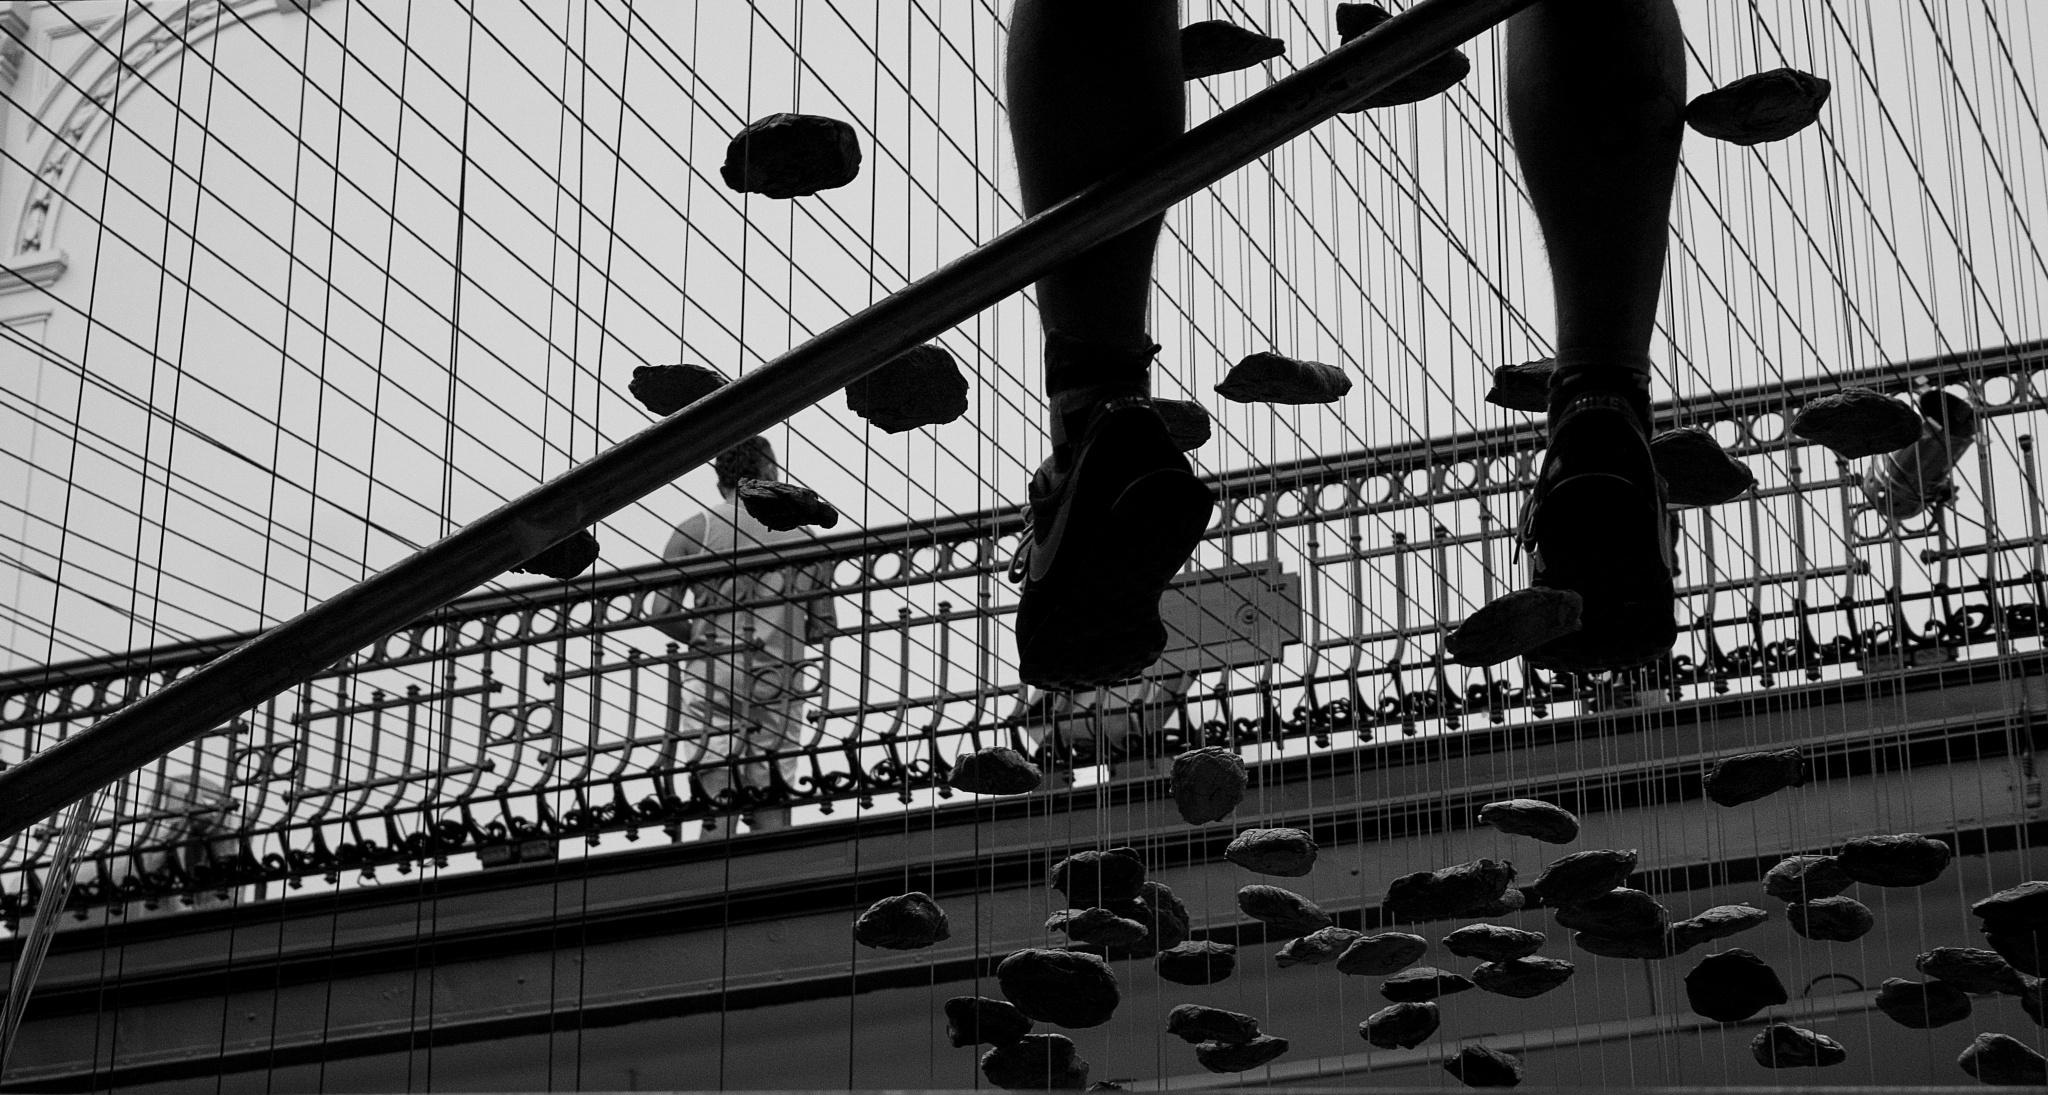 Legs by Oscar Seguel Mangiola